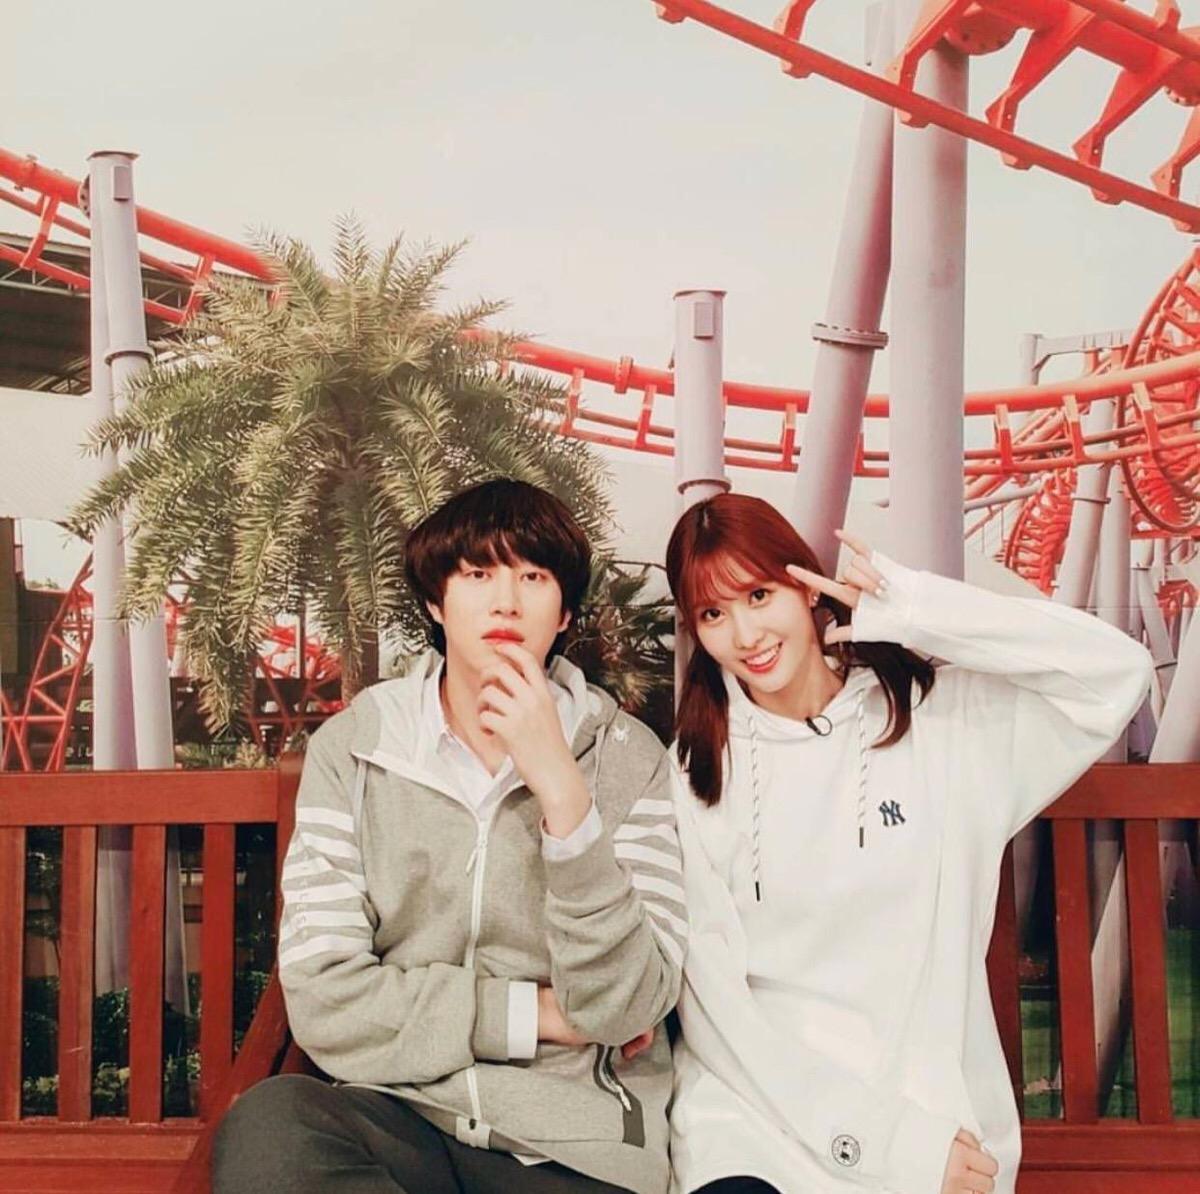 金希澈与Momo被曝已恋爱两年